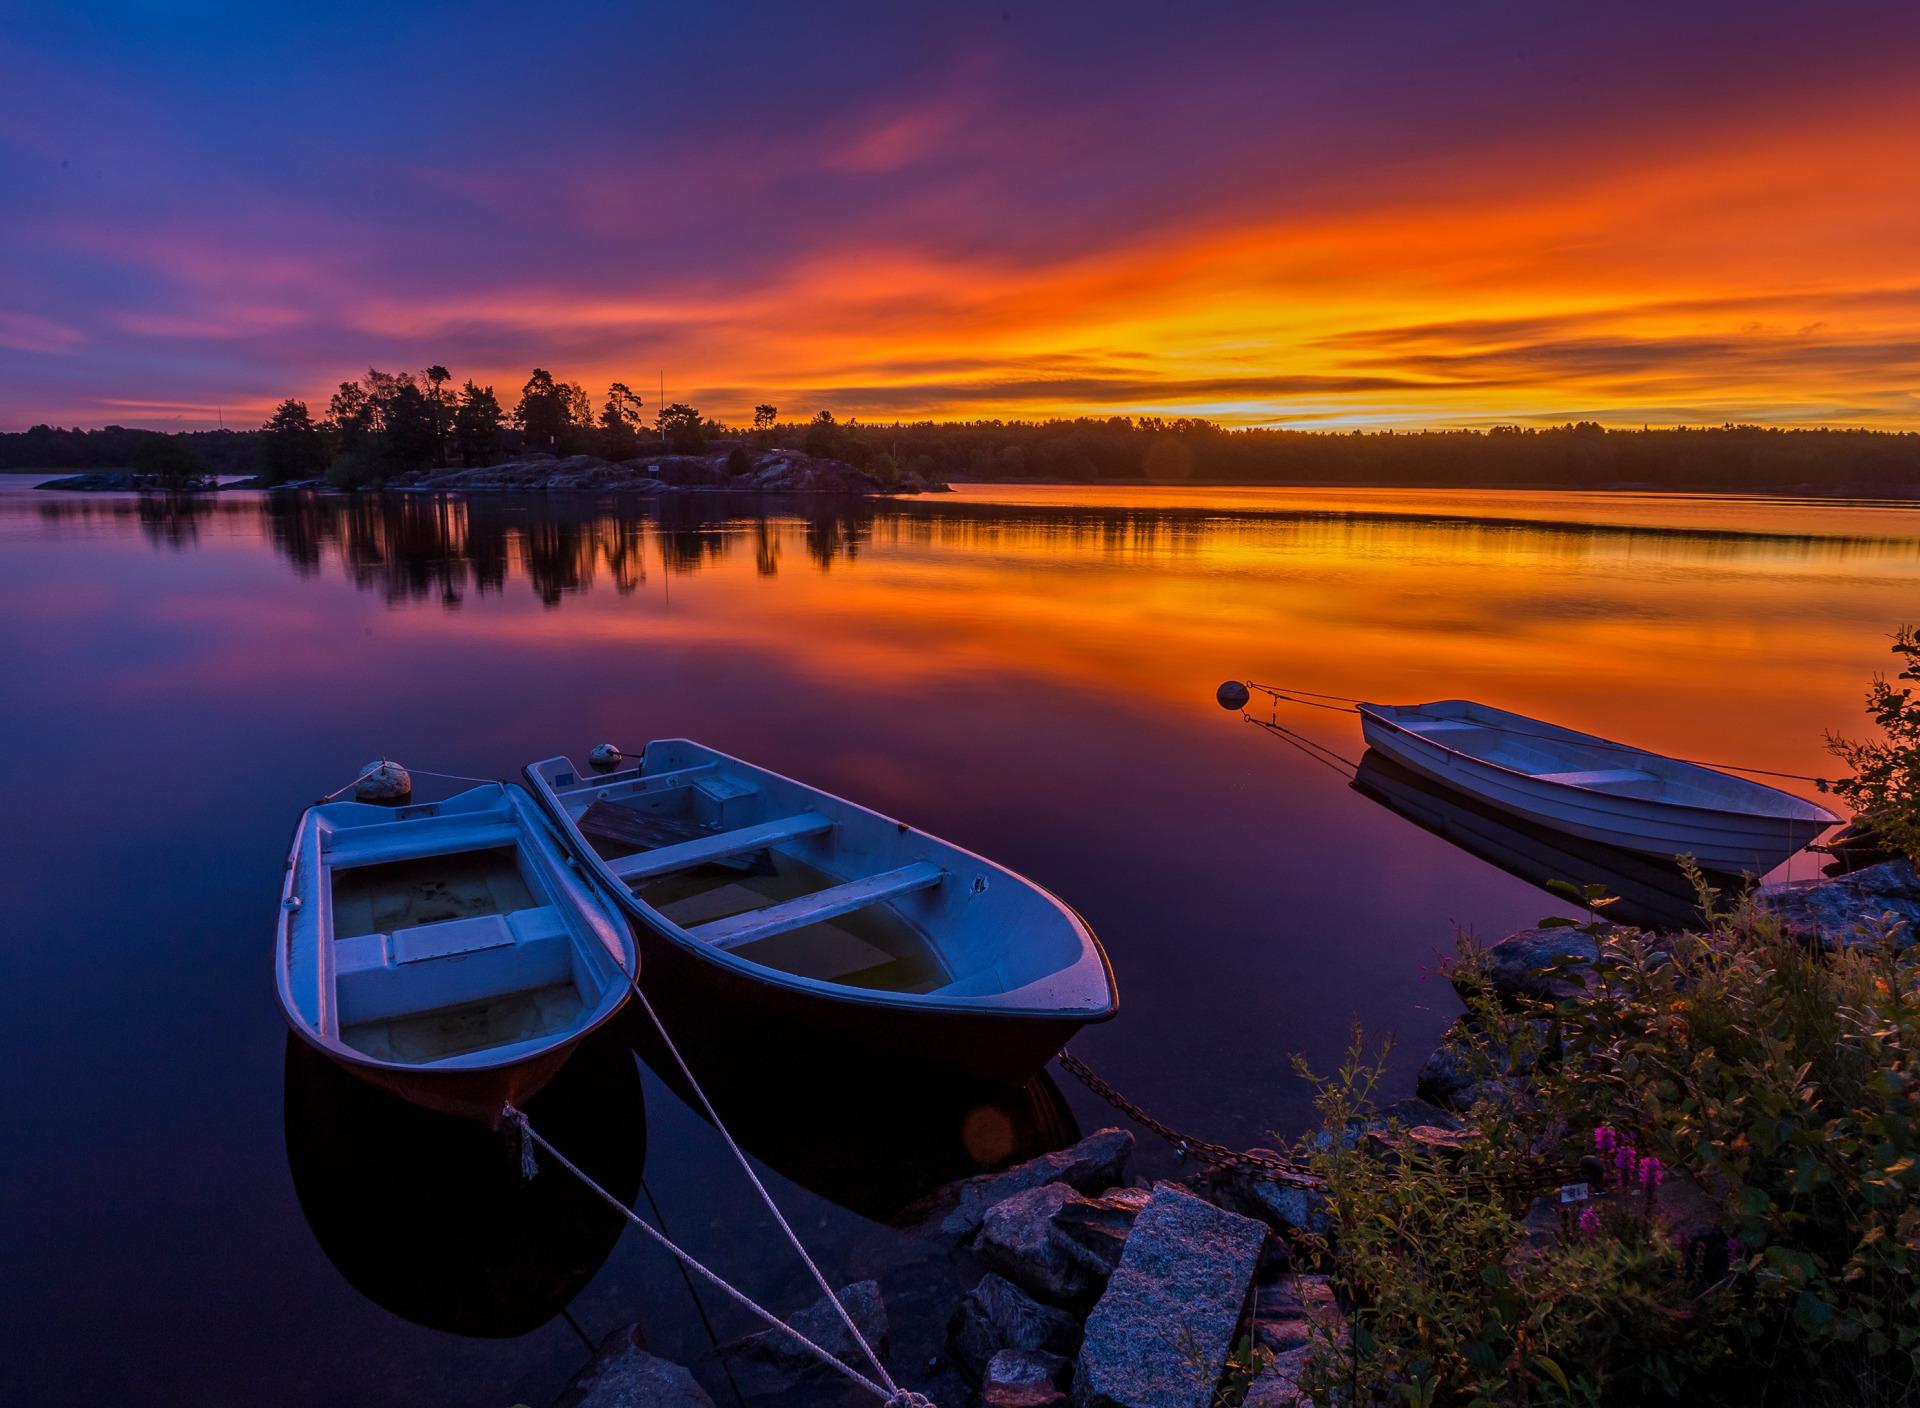 картинки лодки возле берега данной рубрике представлены